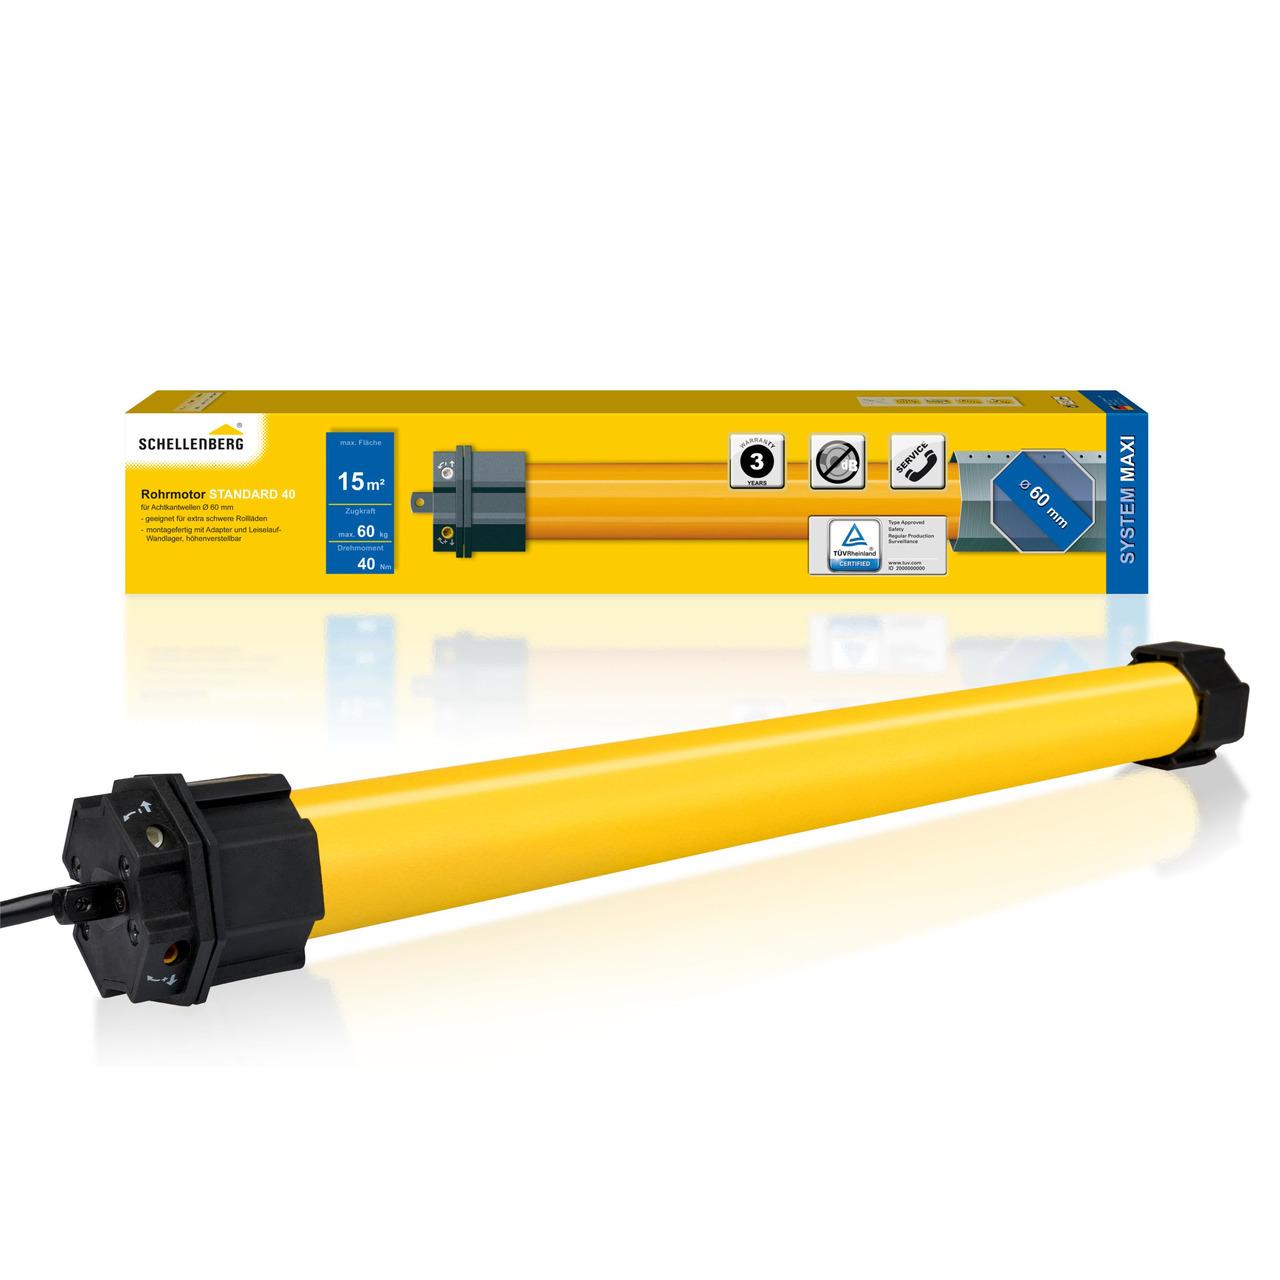 Schellenberg Mechanischer Rohrmotor STANDARD für SW60- 40 Nm